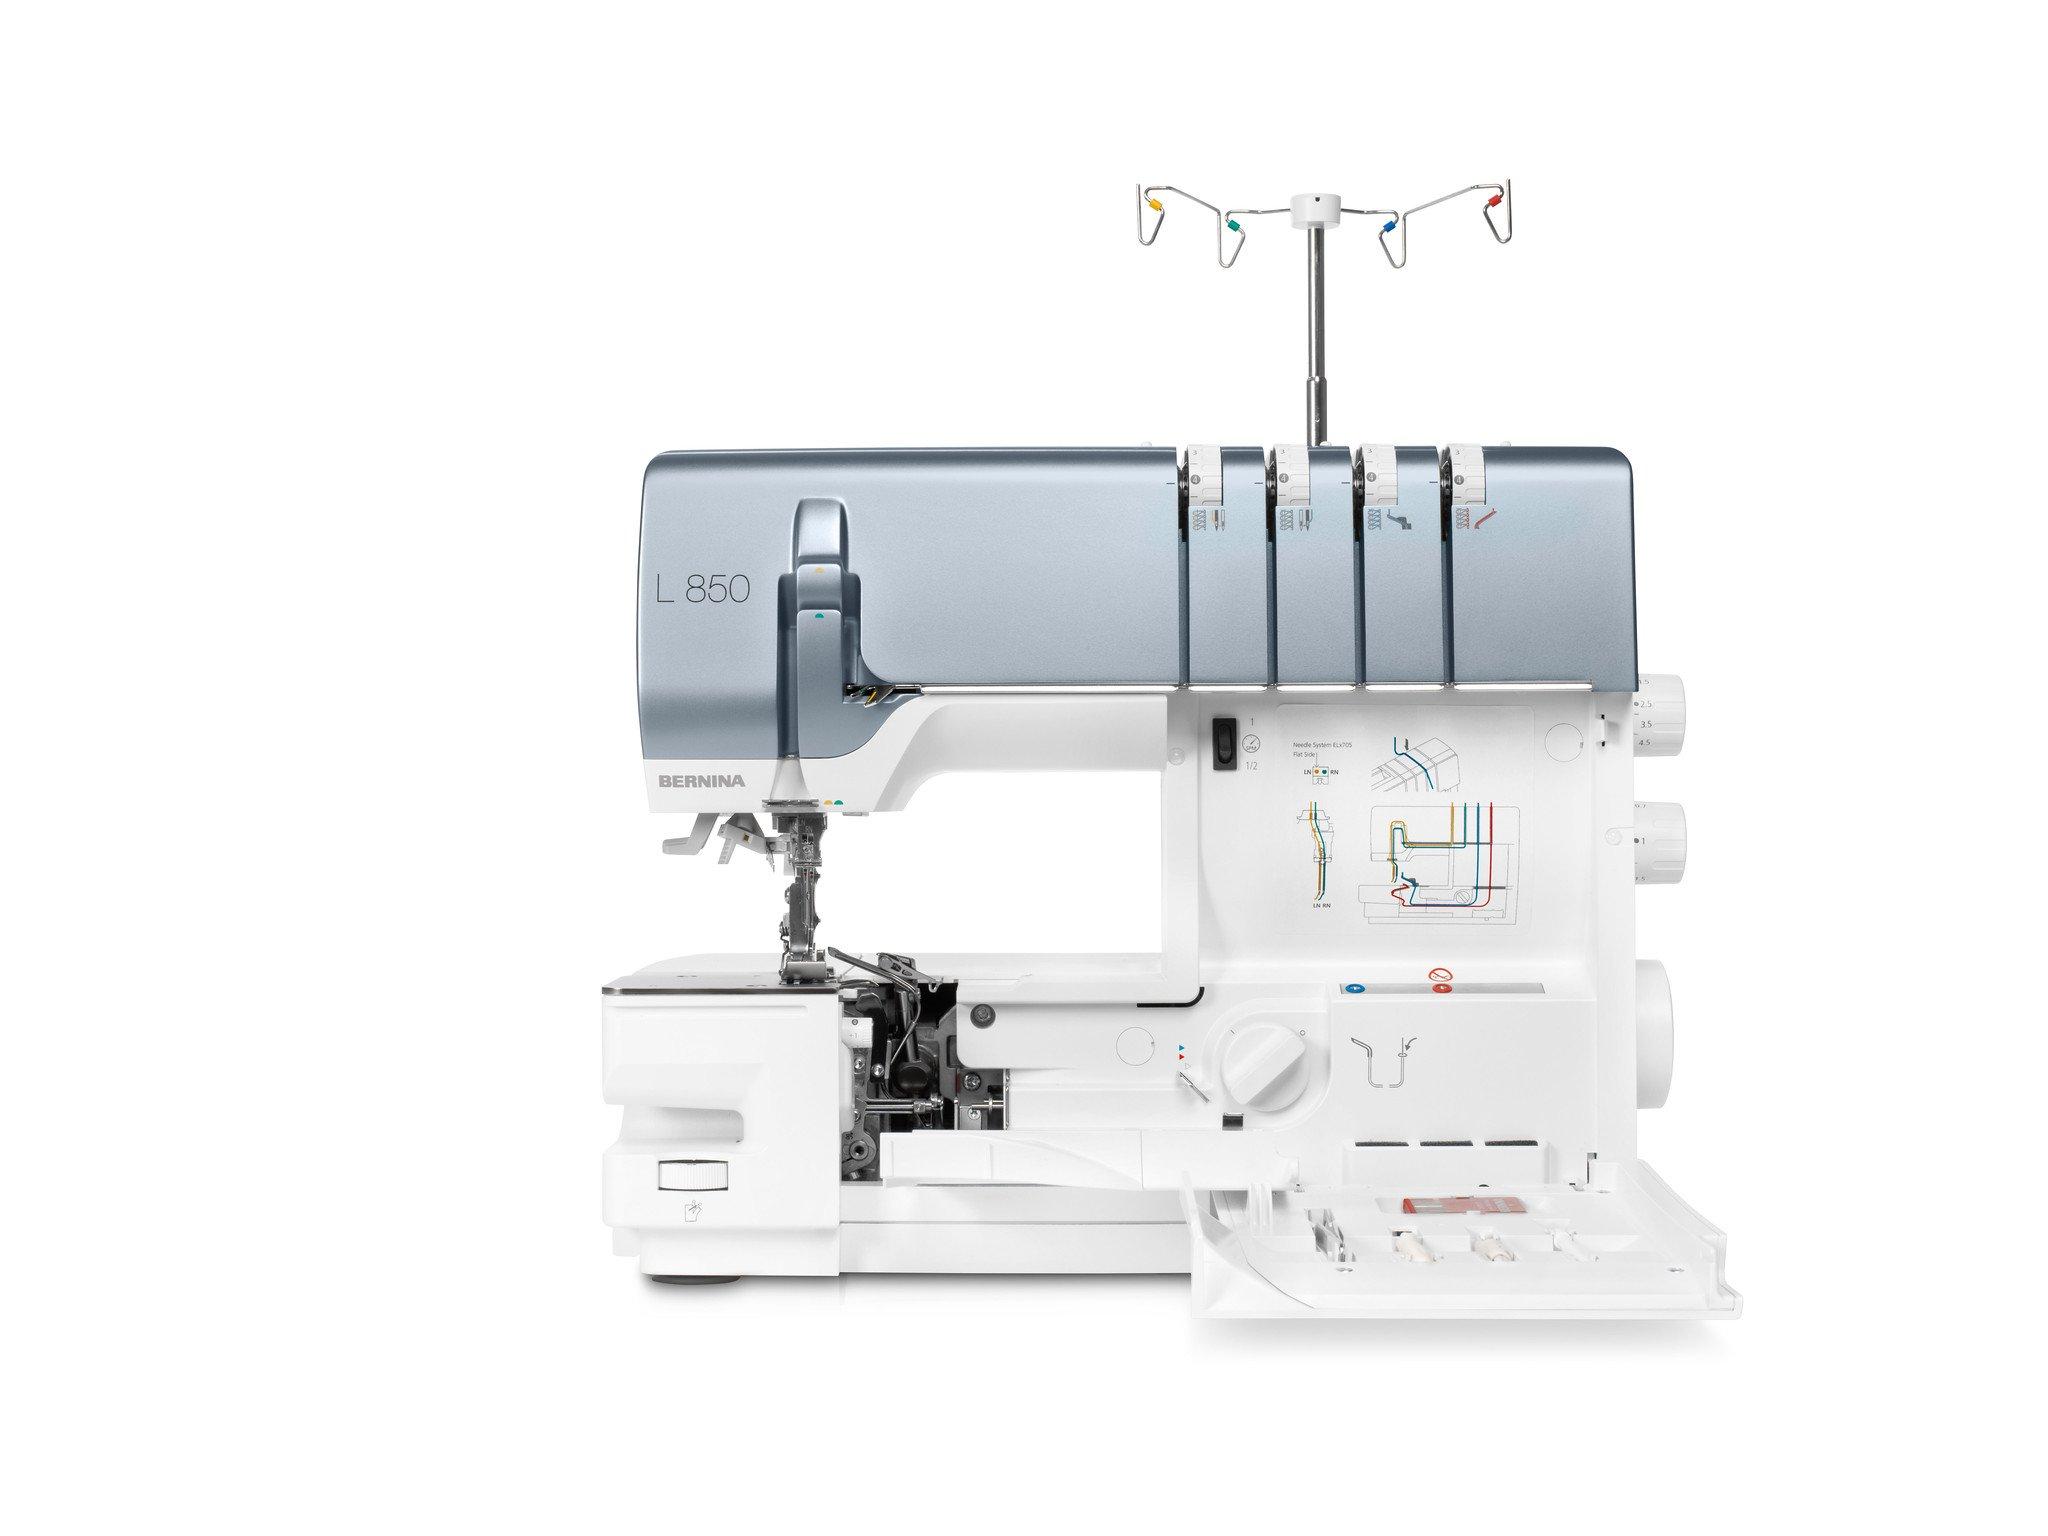 Bernina L 850 Overlocker 360 SewMasters 1